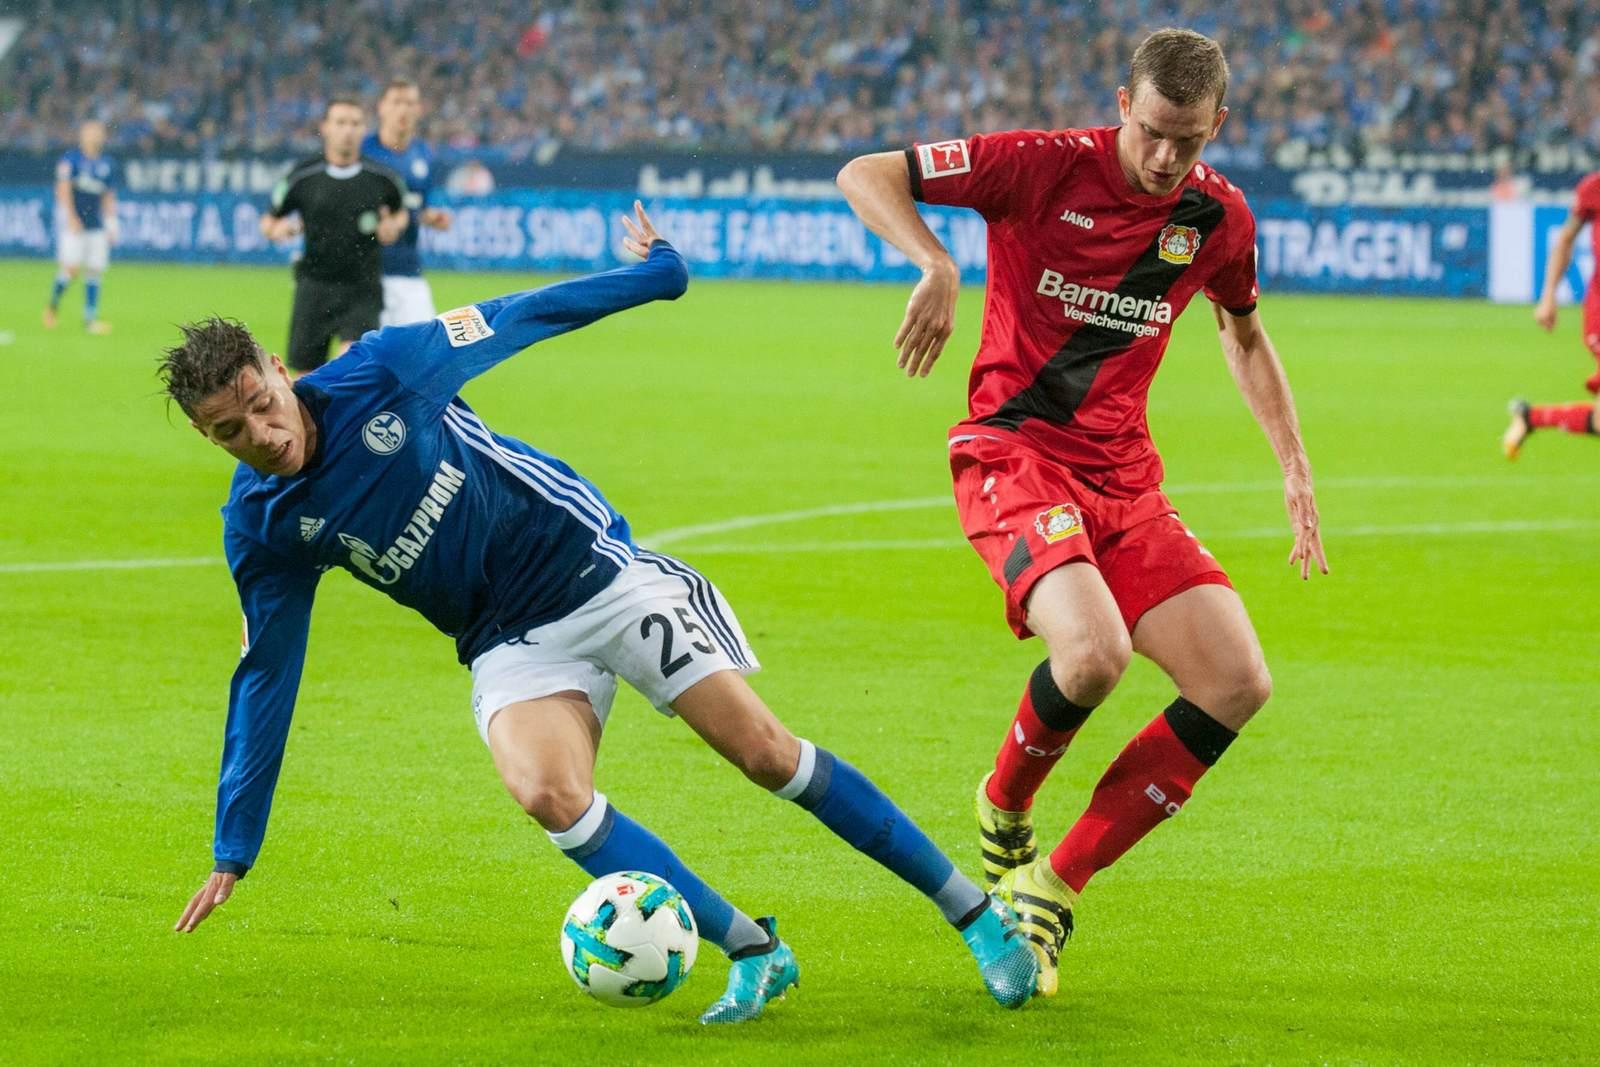 Setzt sich Bender gegen Harit durch? Jetzt auf Schalke gegen Leverkusen wetten